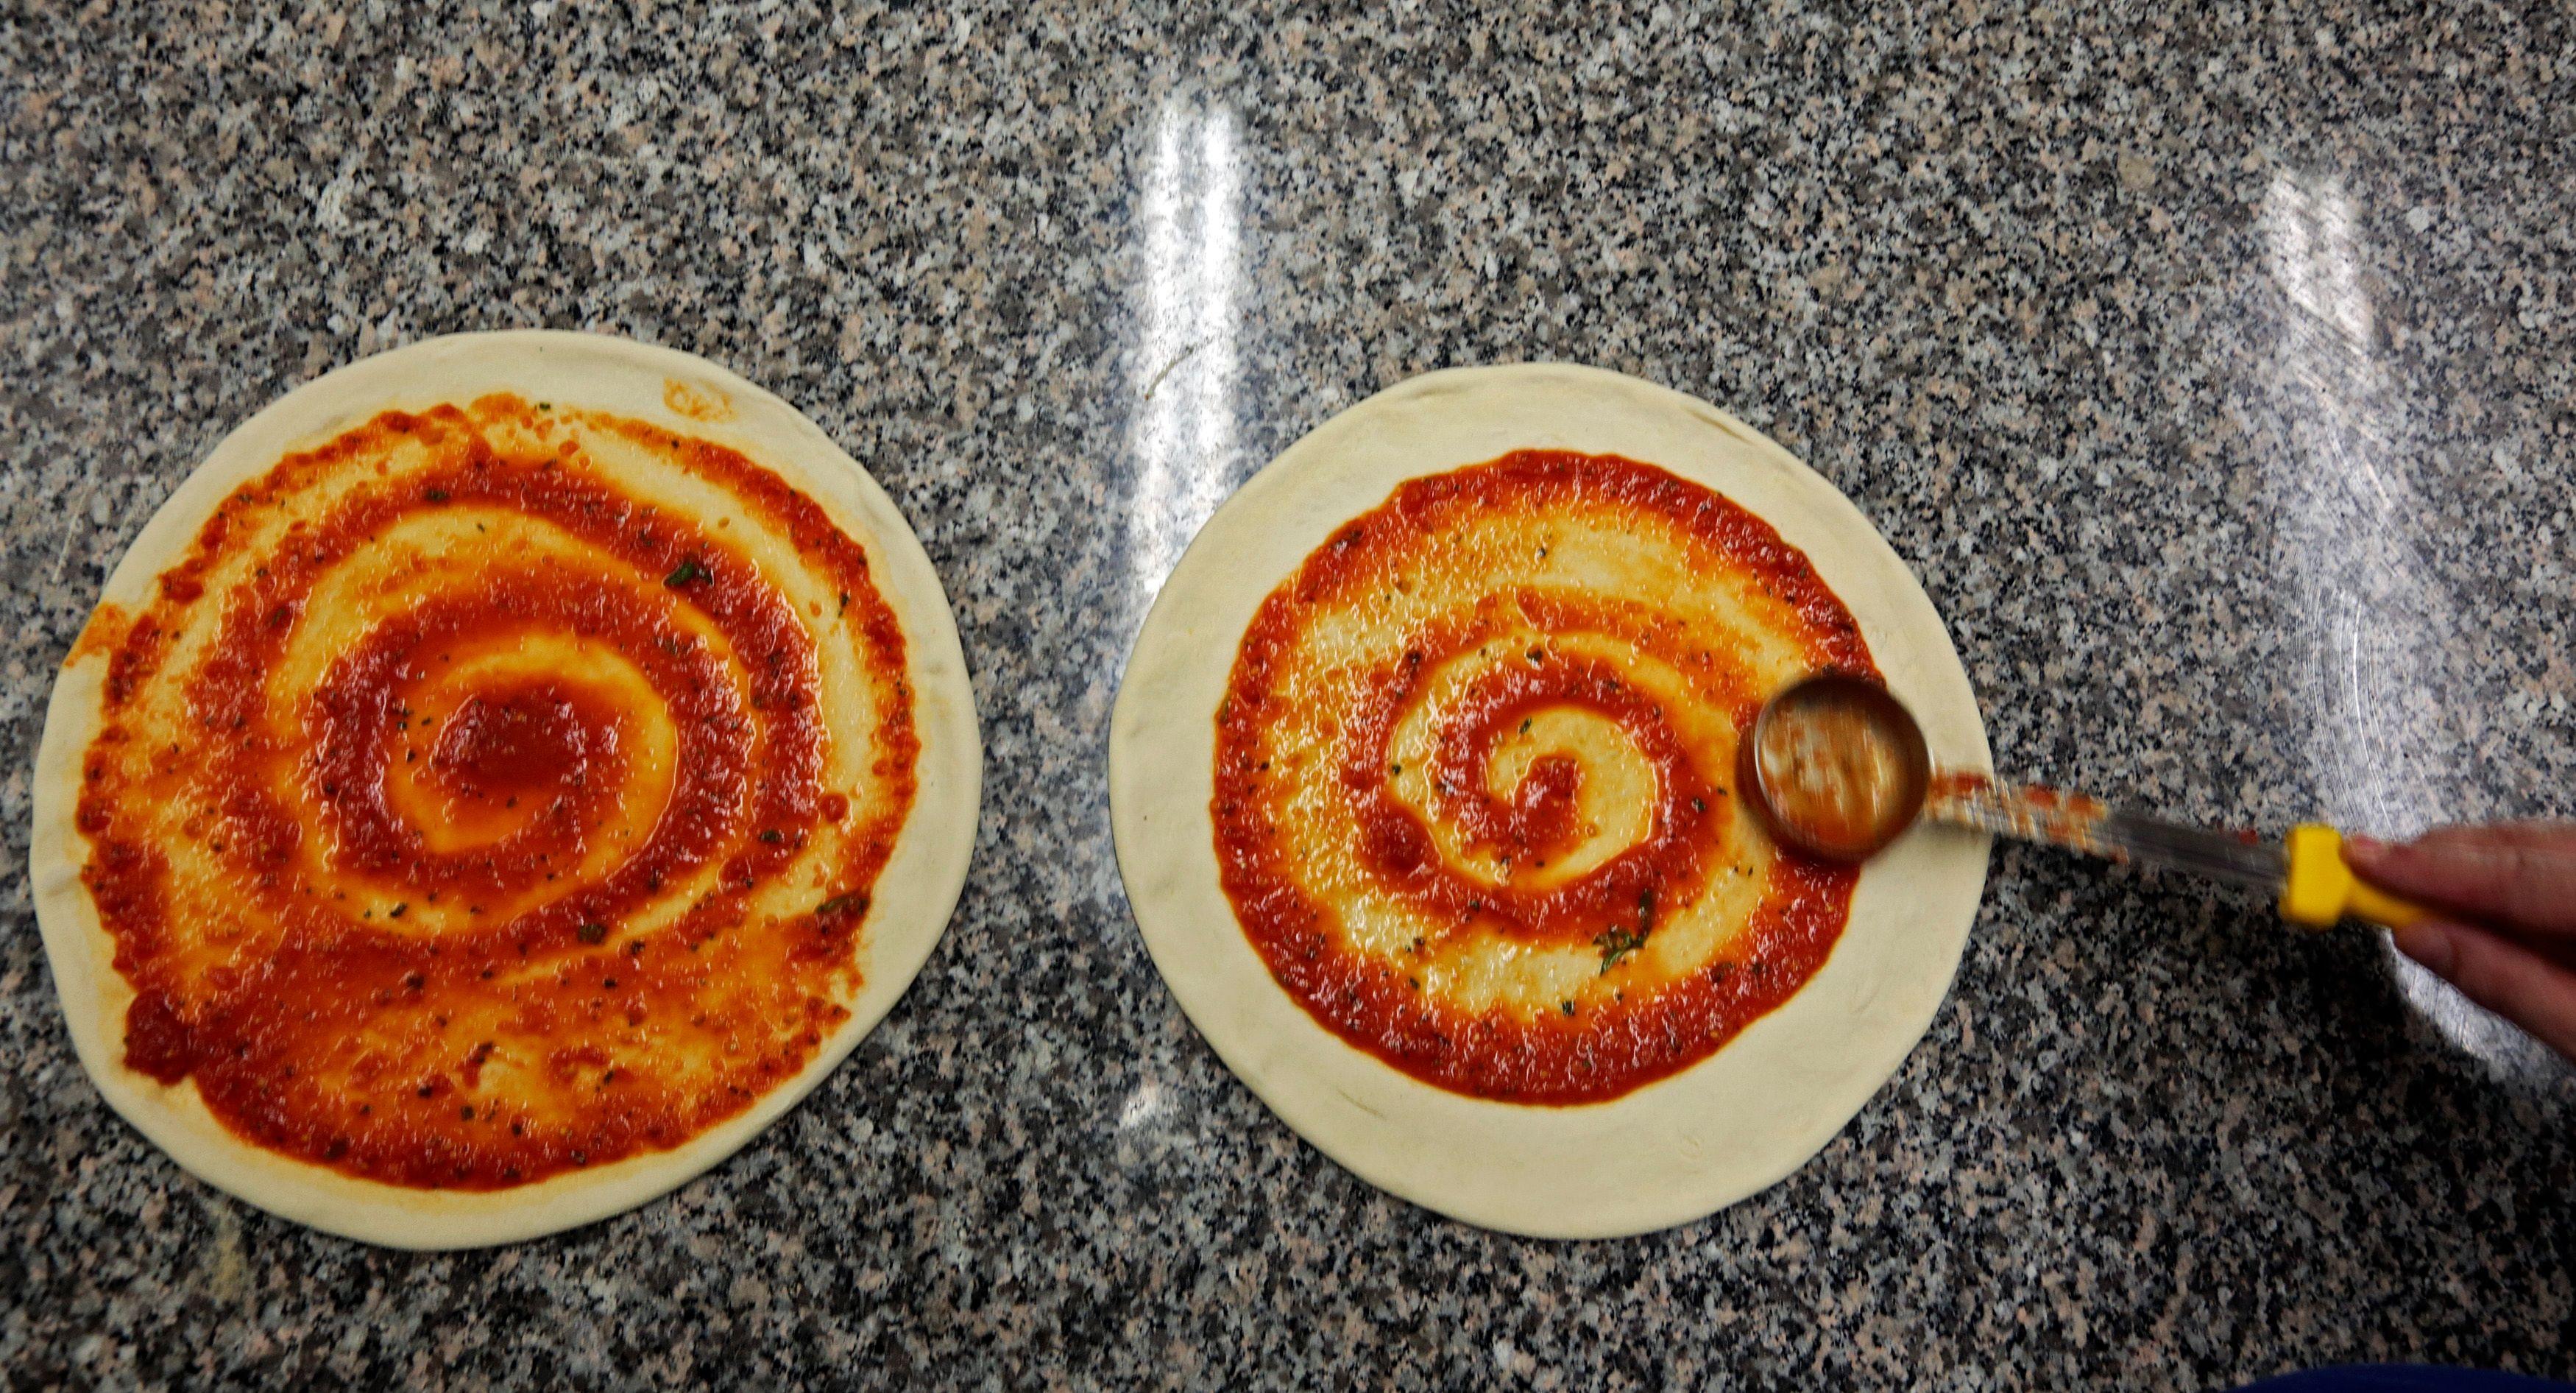 Chaque jour, 13 % des Américains consomment de la pizza.